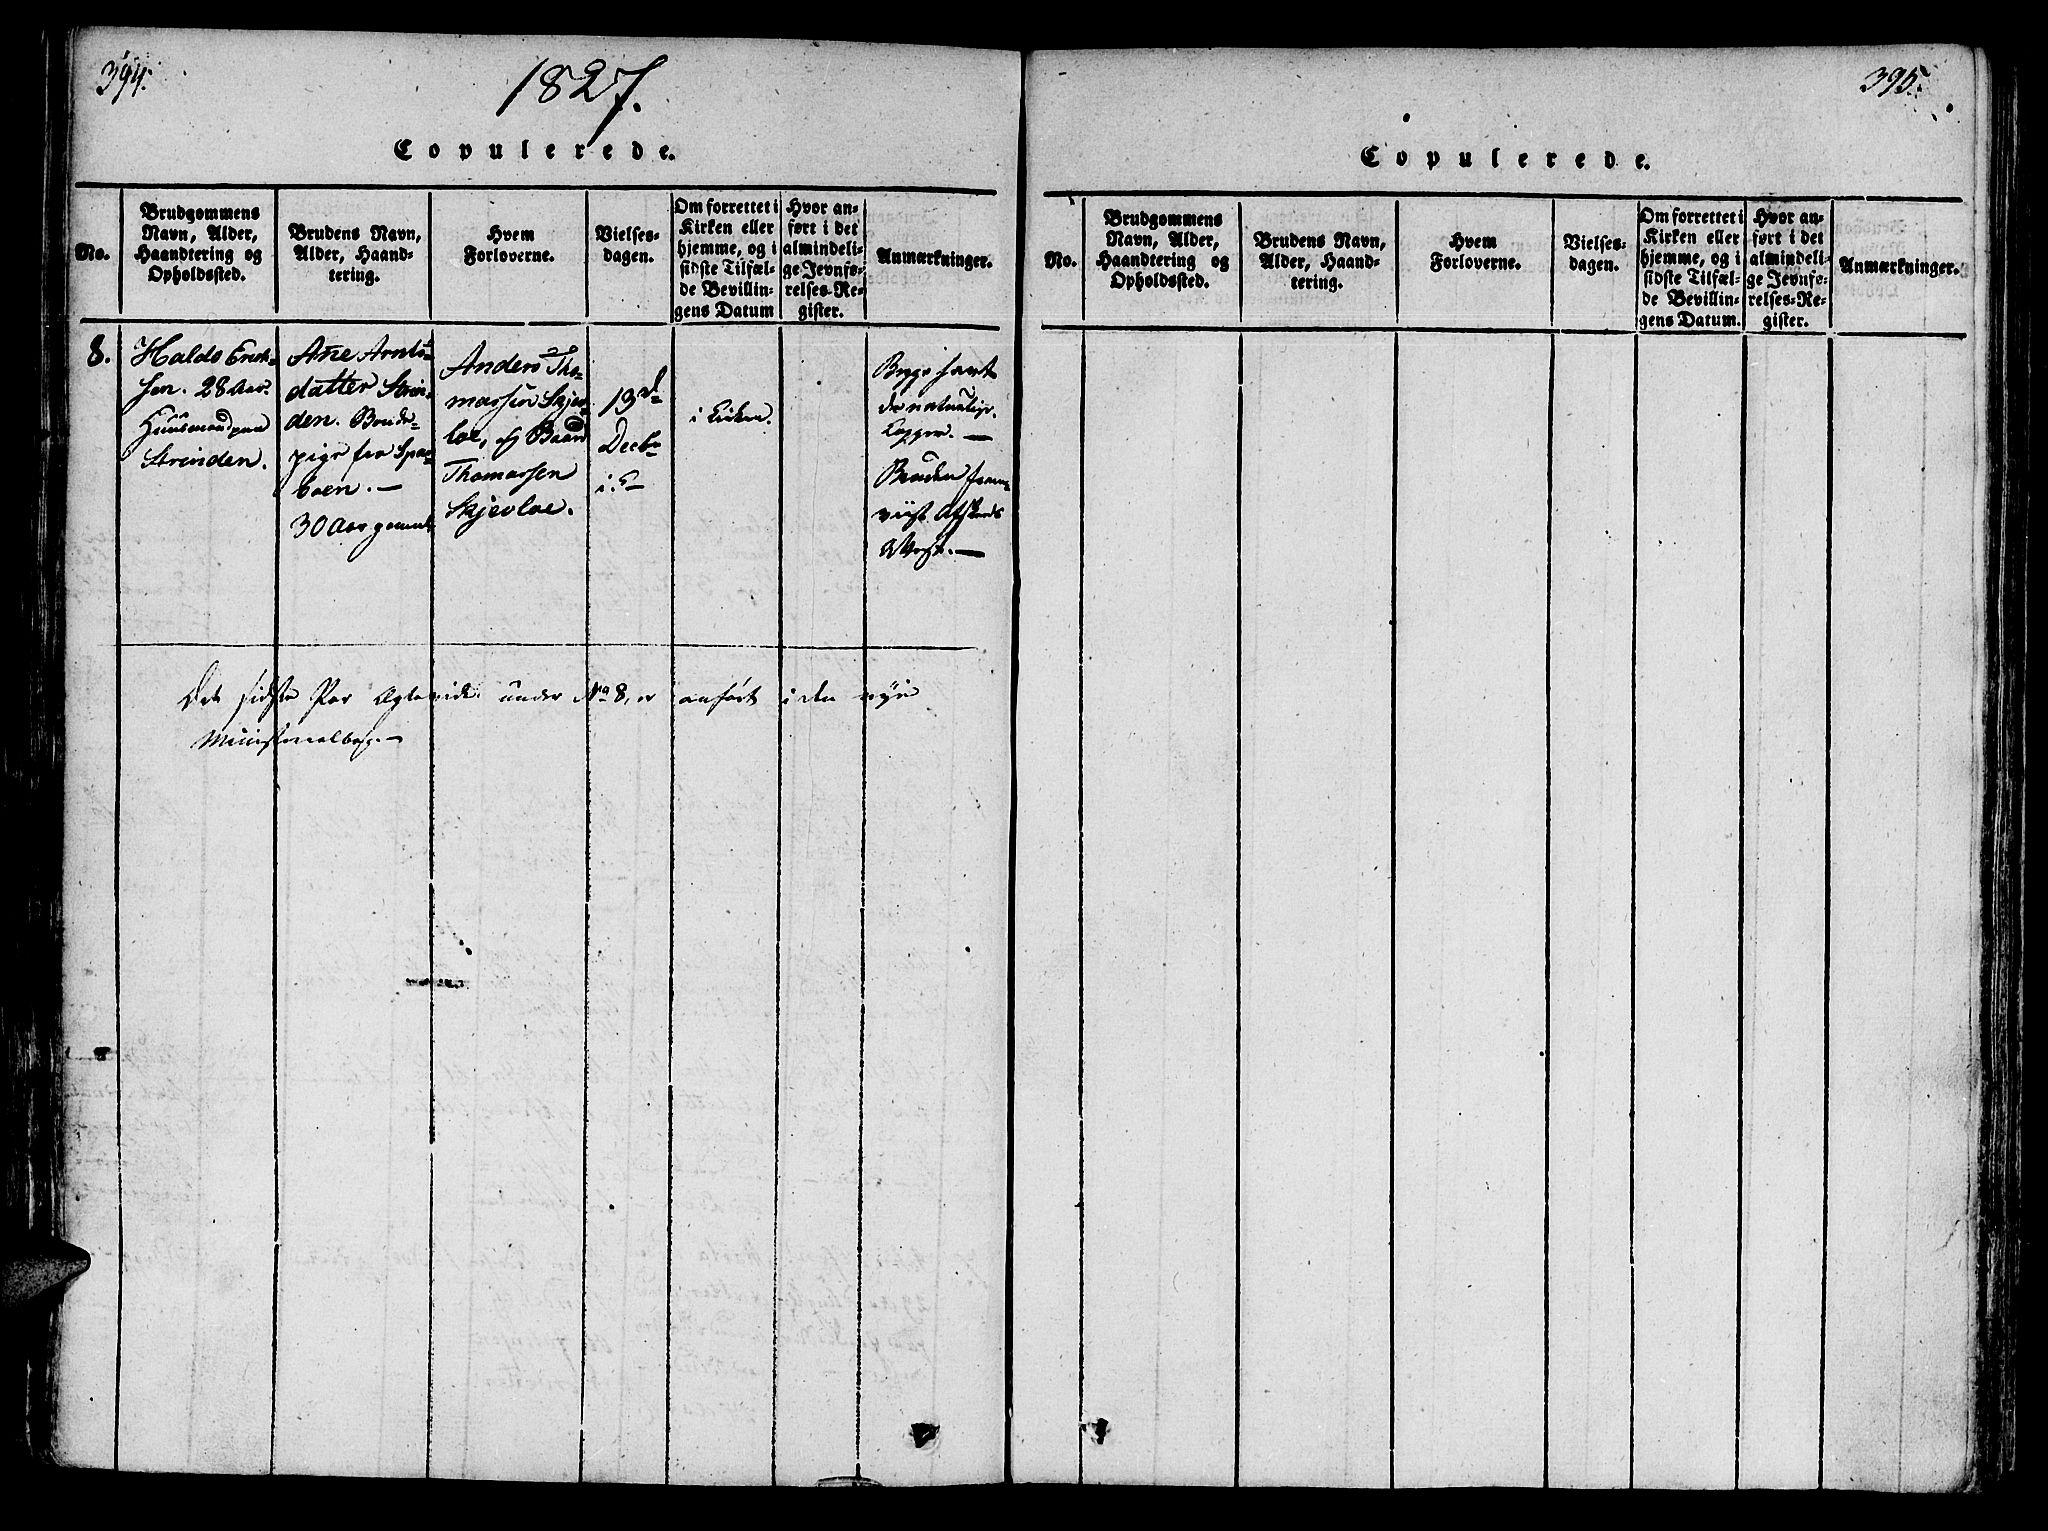 SAT, Ministerialprotokoller, klokkerbøker og fødselsregistre - Nord-Trøndelag, 746/L0441: Ministerialbok nr. 746A03 /1, 1816-1827, s. 394-395